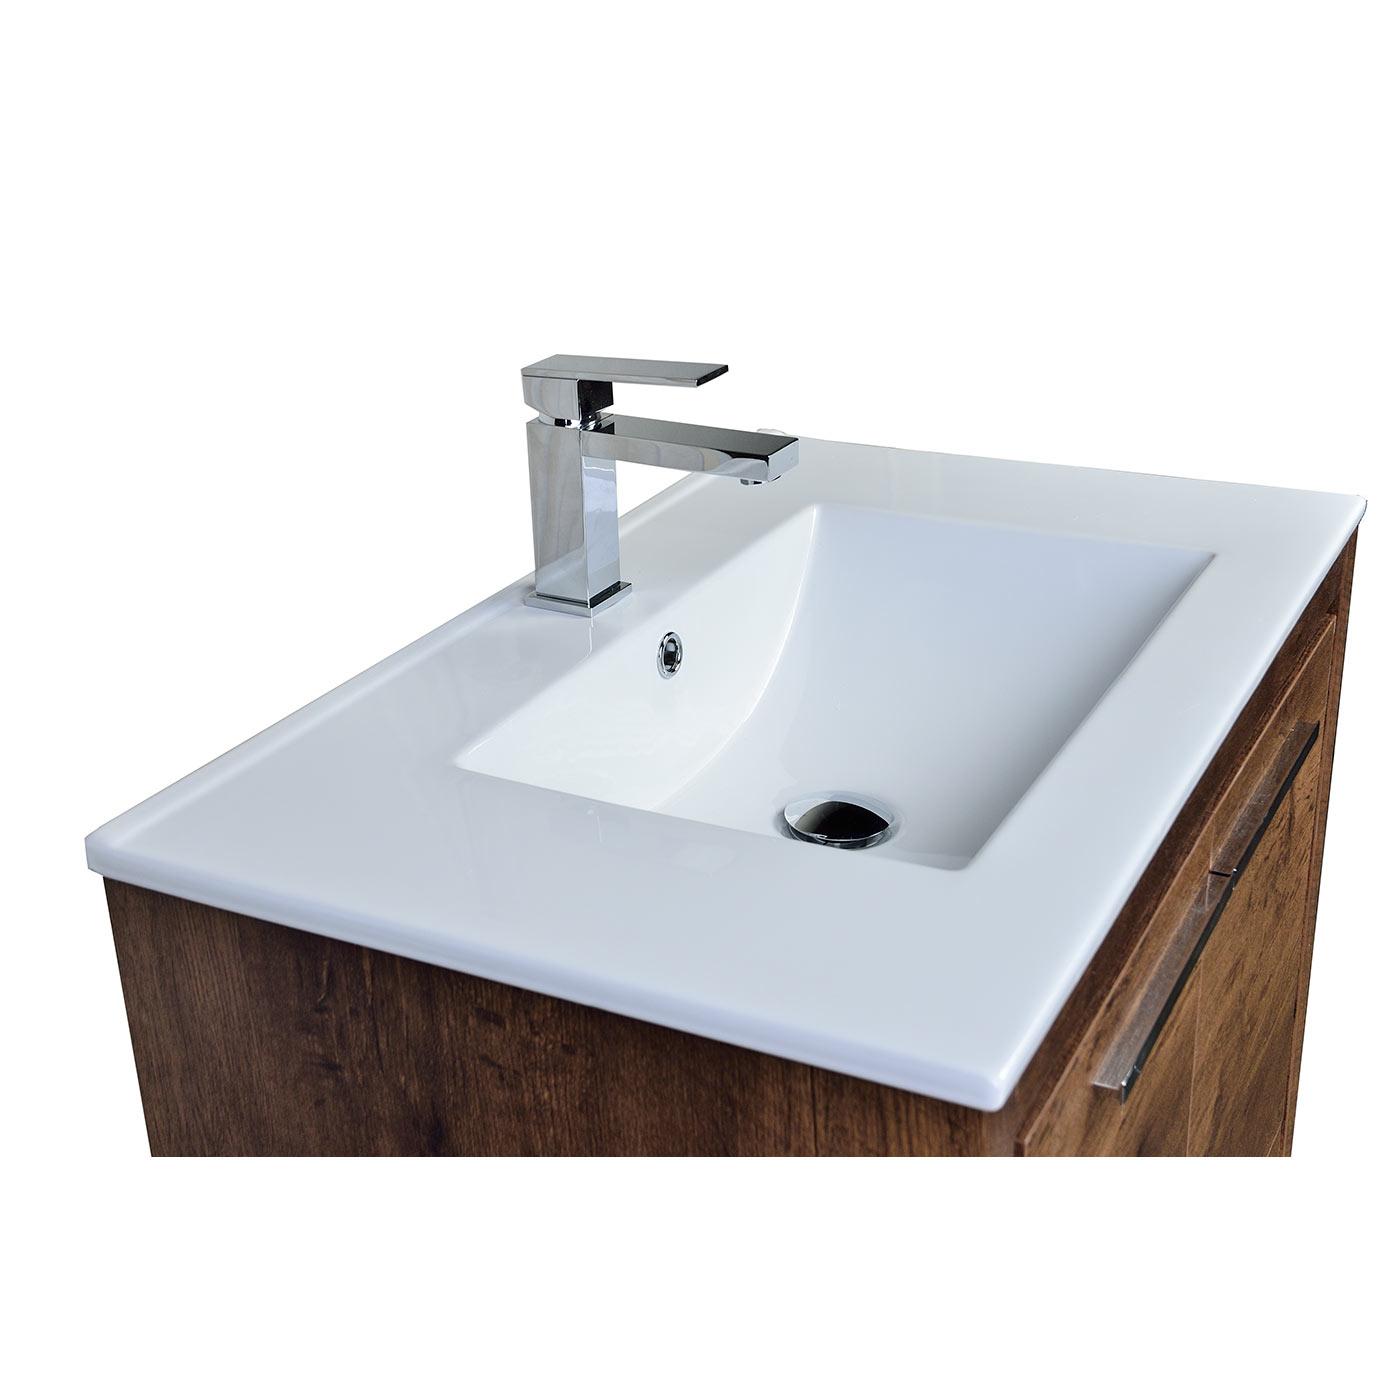 Buy CBI Enna 30 inch Rosewood Modern Bathroom Vanity TN L750 RW on ConcepBath